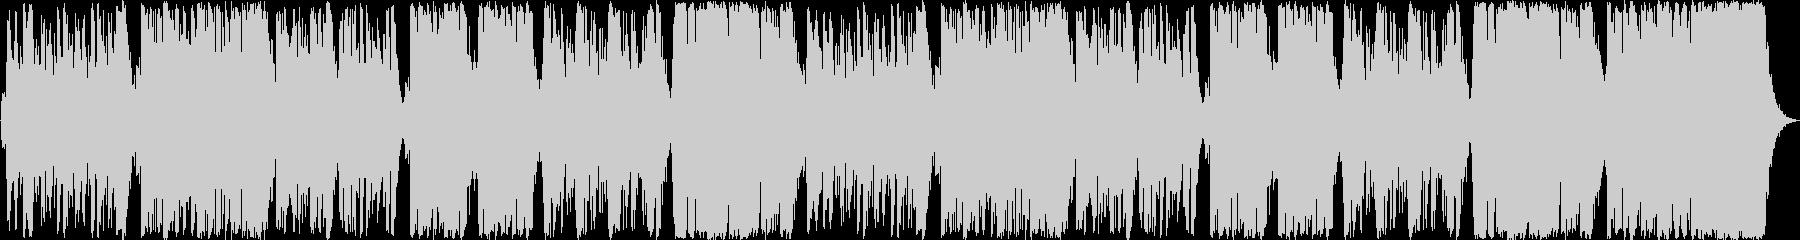 クラシック オーケストラ 中世のの未再生の波形